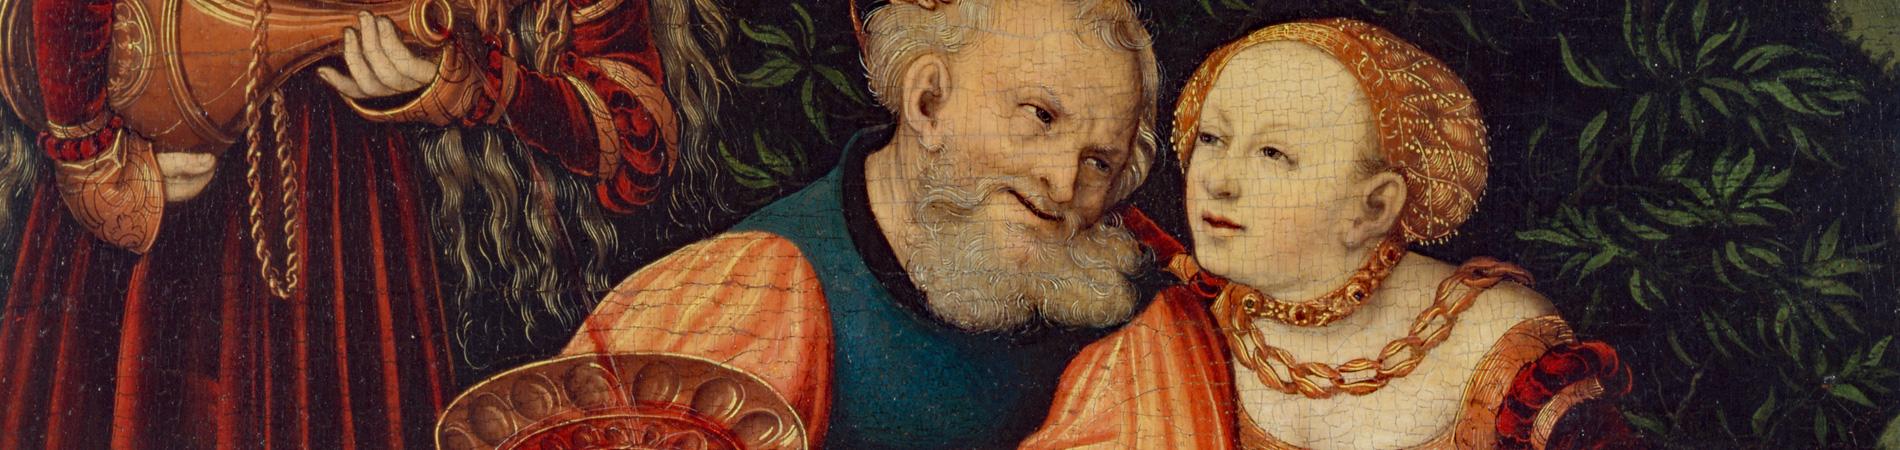 Altdeutsche Sammlung Veste Coburg, Detail Cranach